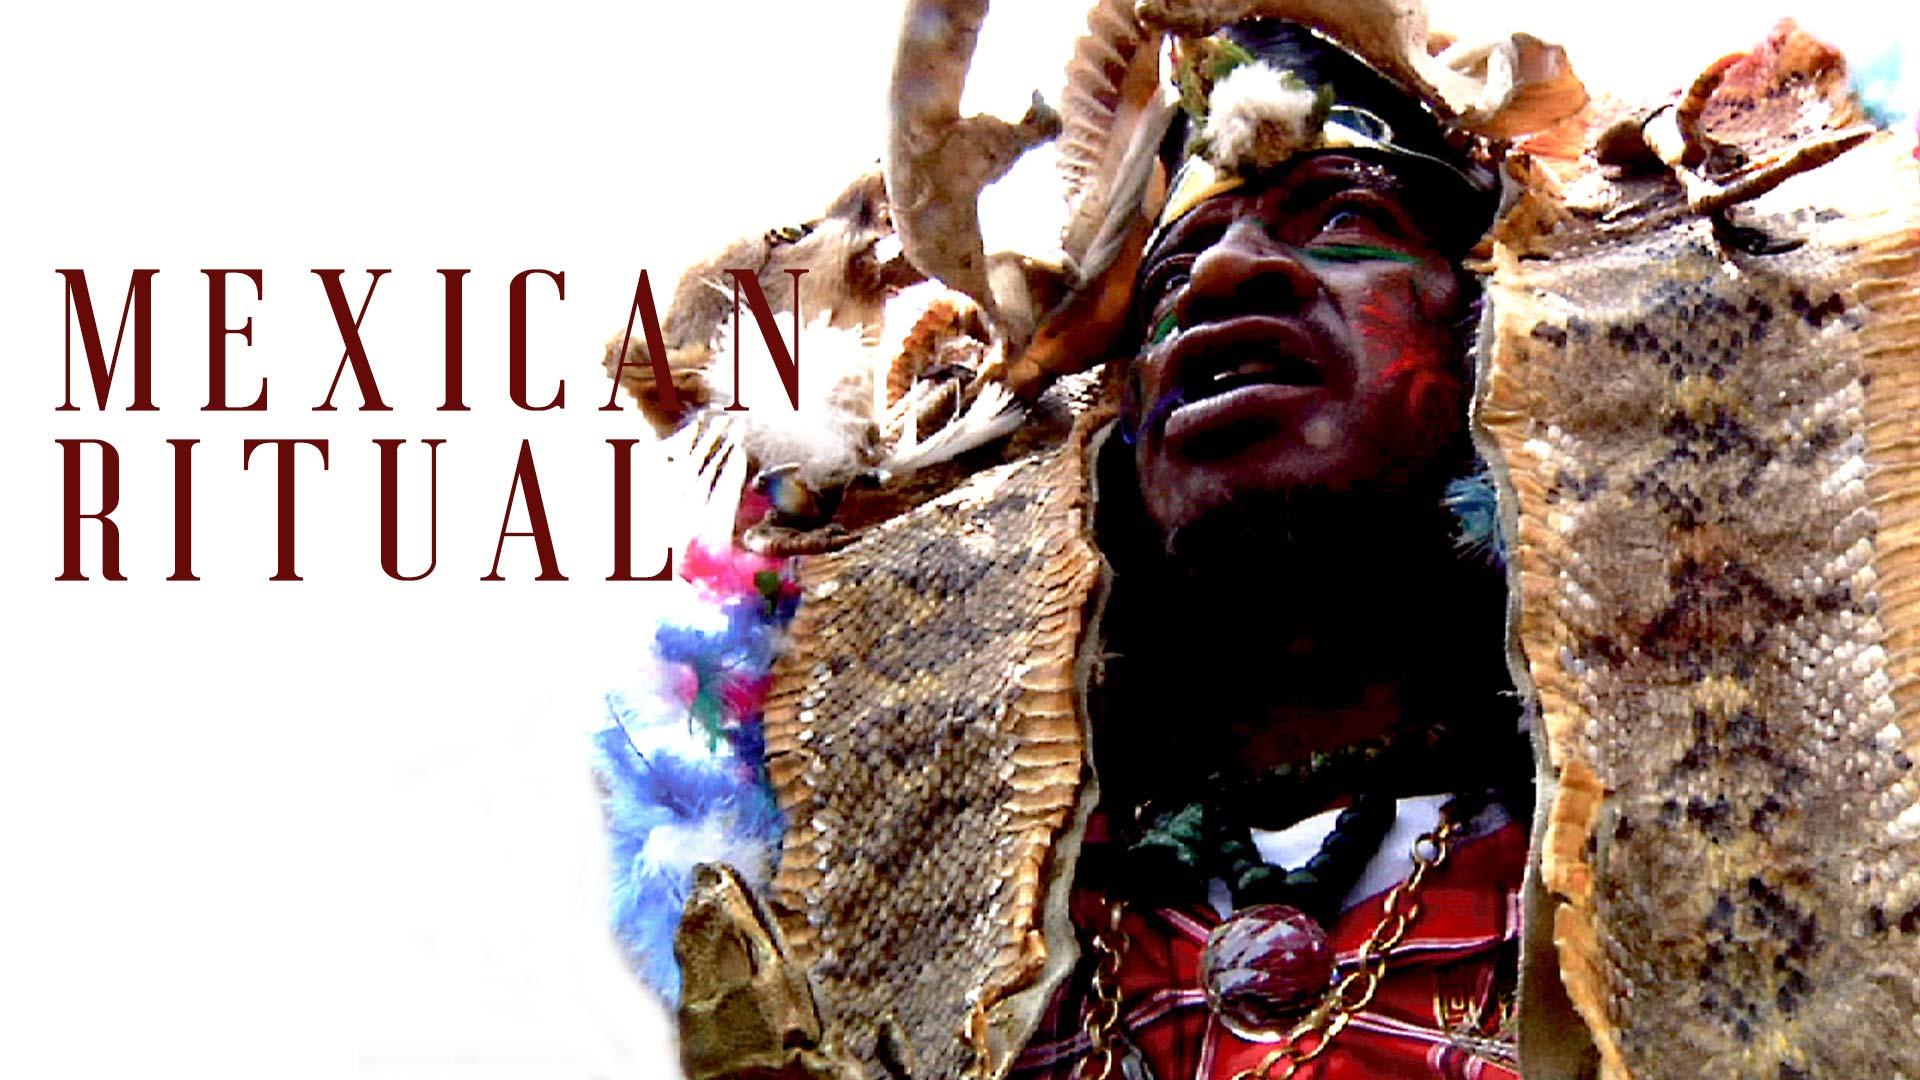 Mitote / Mexican Ritual - image